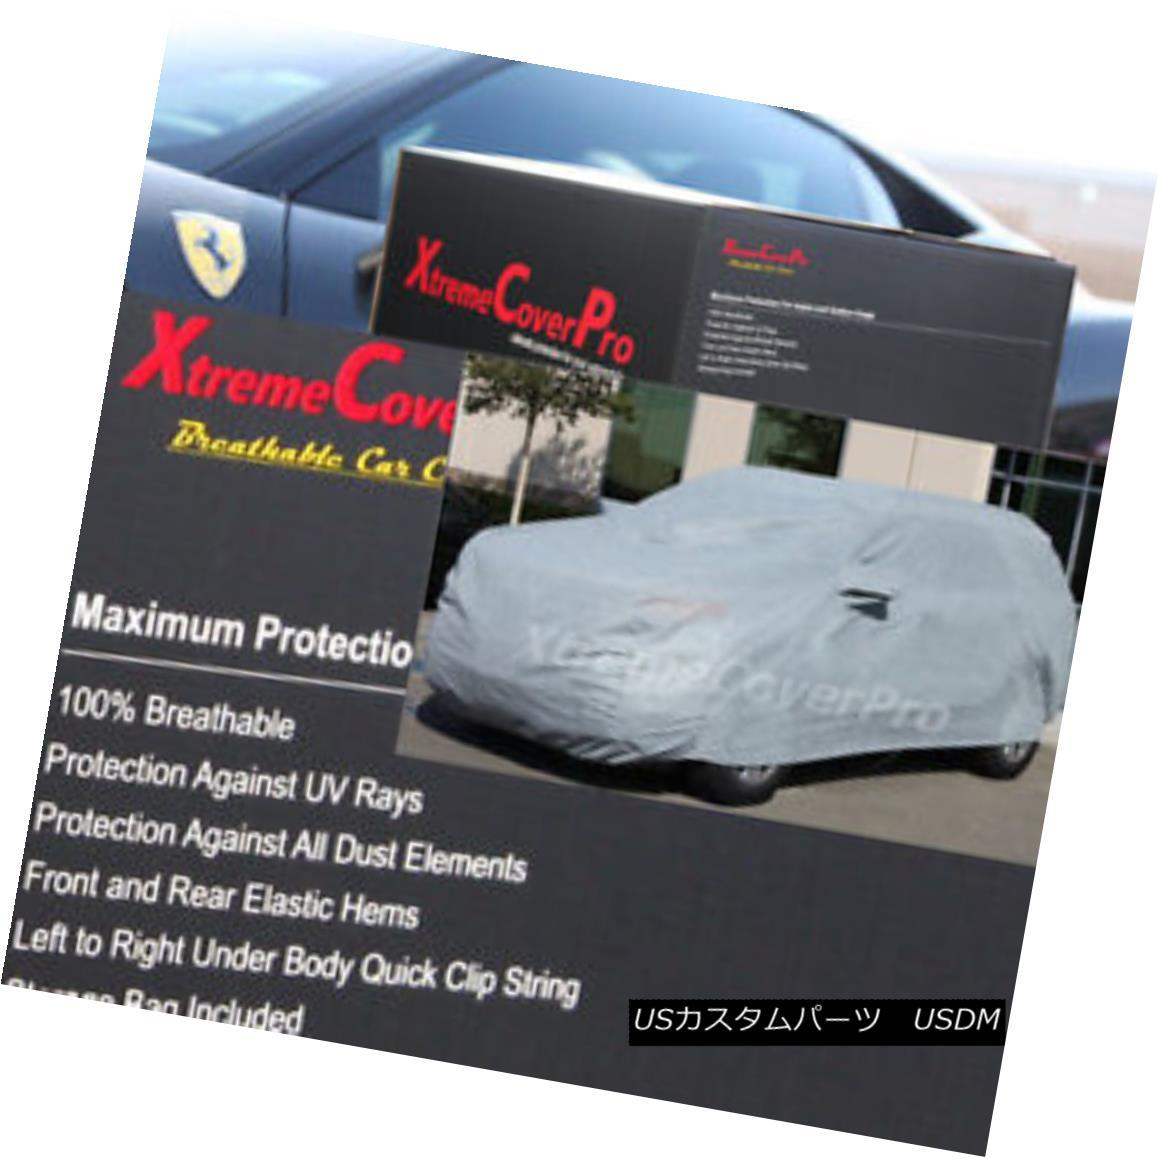 カーカバー 2006 2007 Chevy TrailBlazer non-EXT Breathable Car Cover w/MirrorPocket 2006年Chevy TrailBlazer非EXT通気性車カバー付き/ MirrorPocket